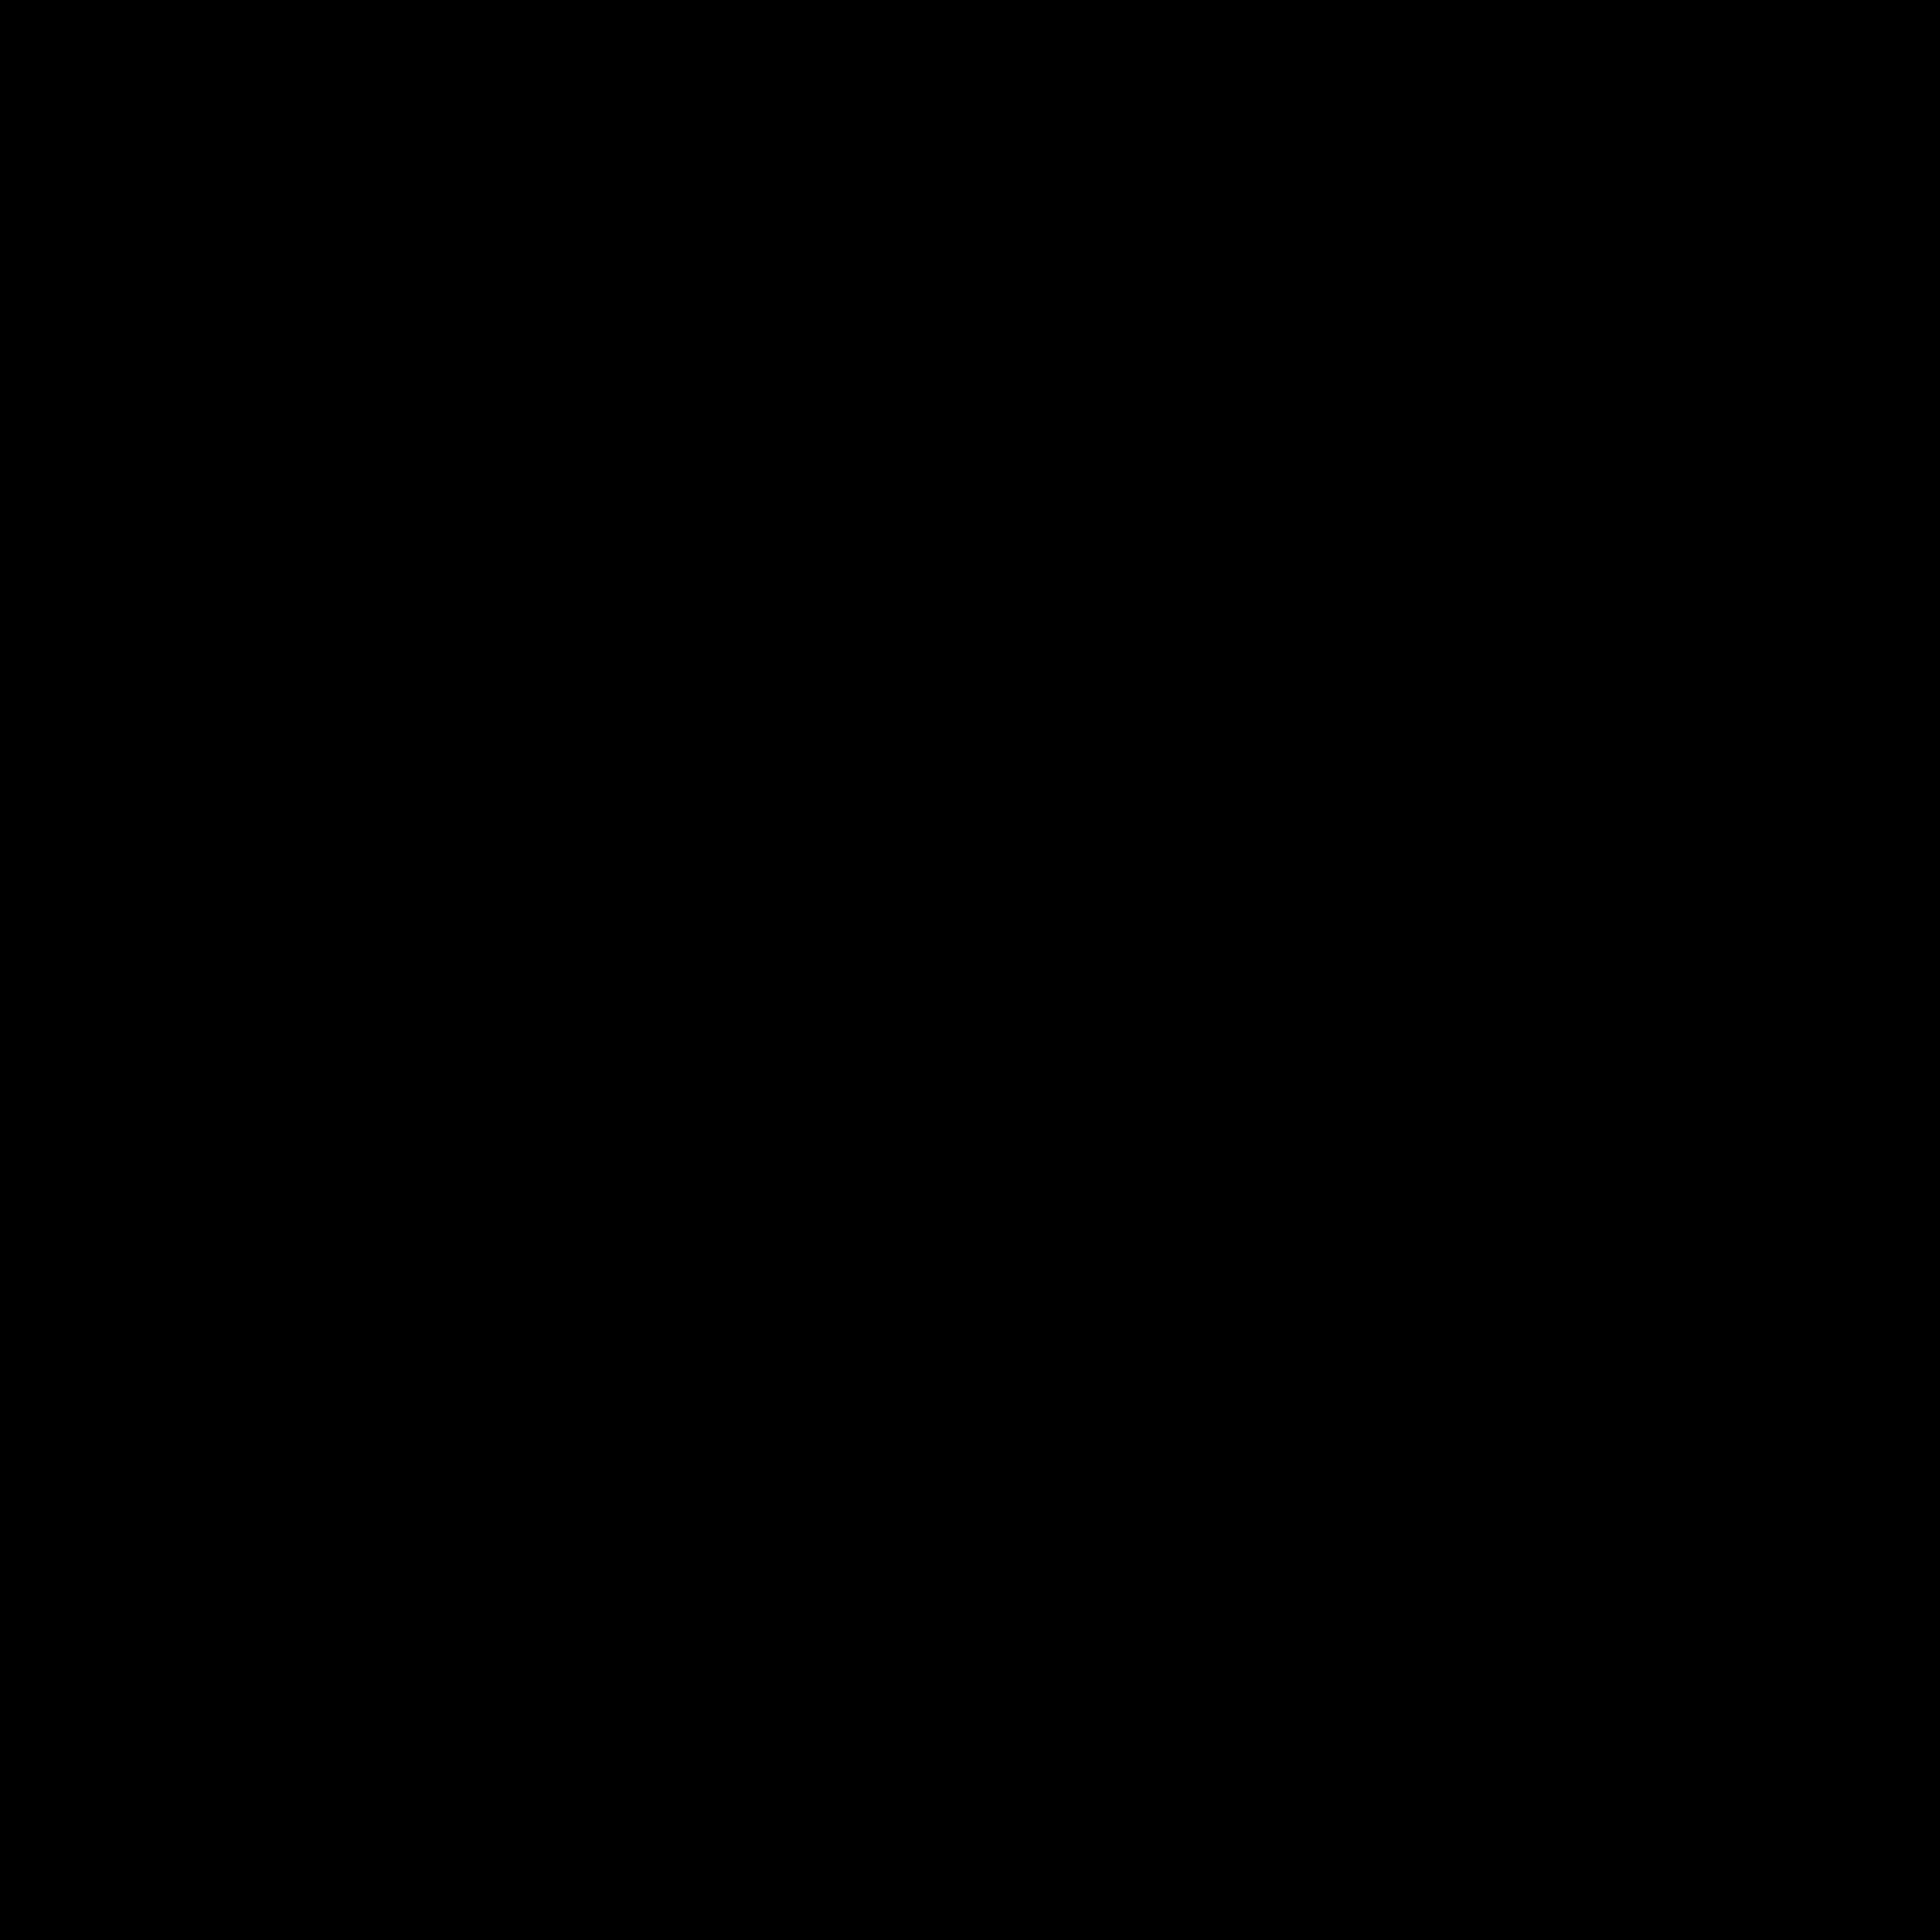 Eurostar Logo PNG Transparent & SVG Vector.